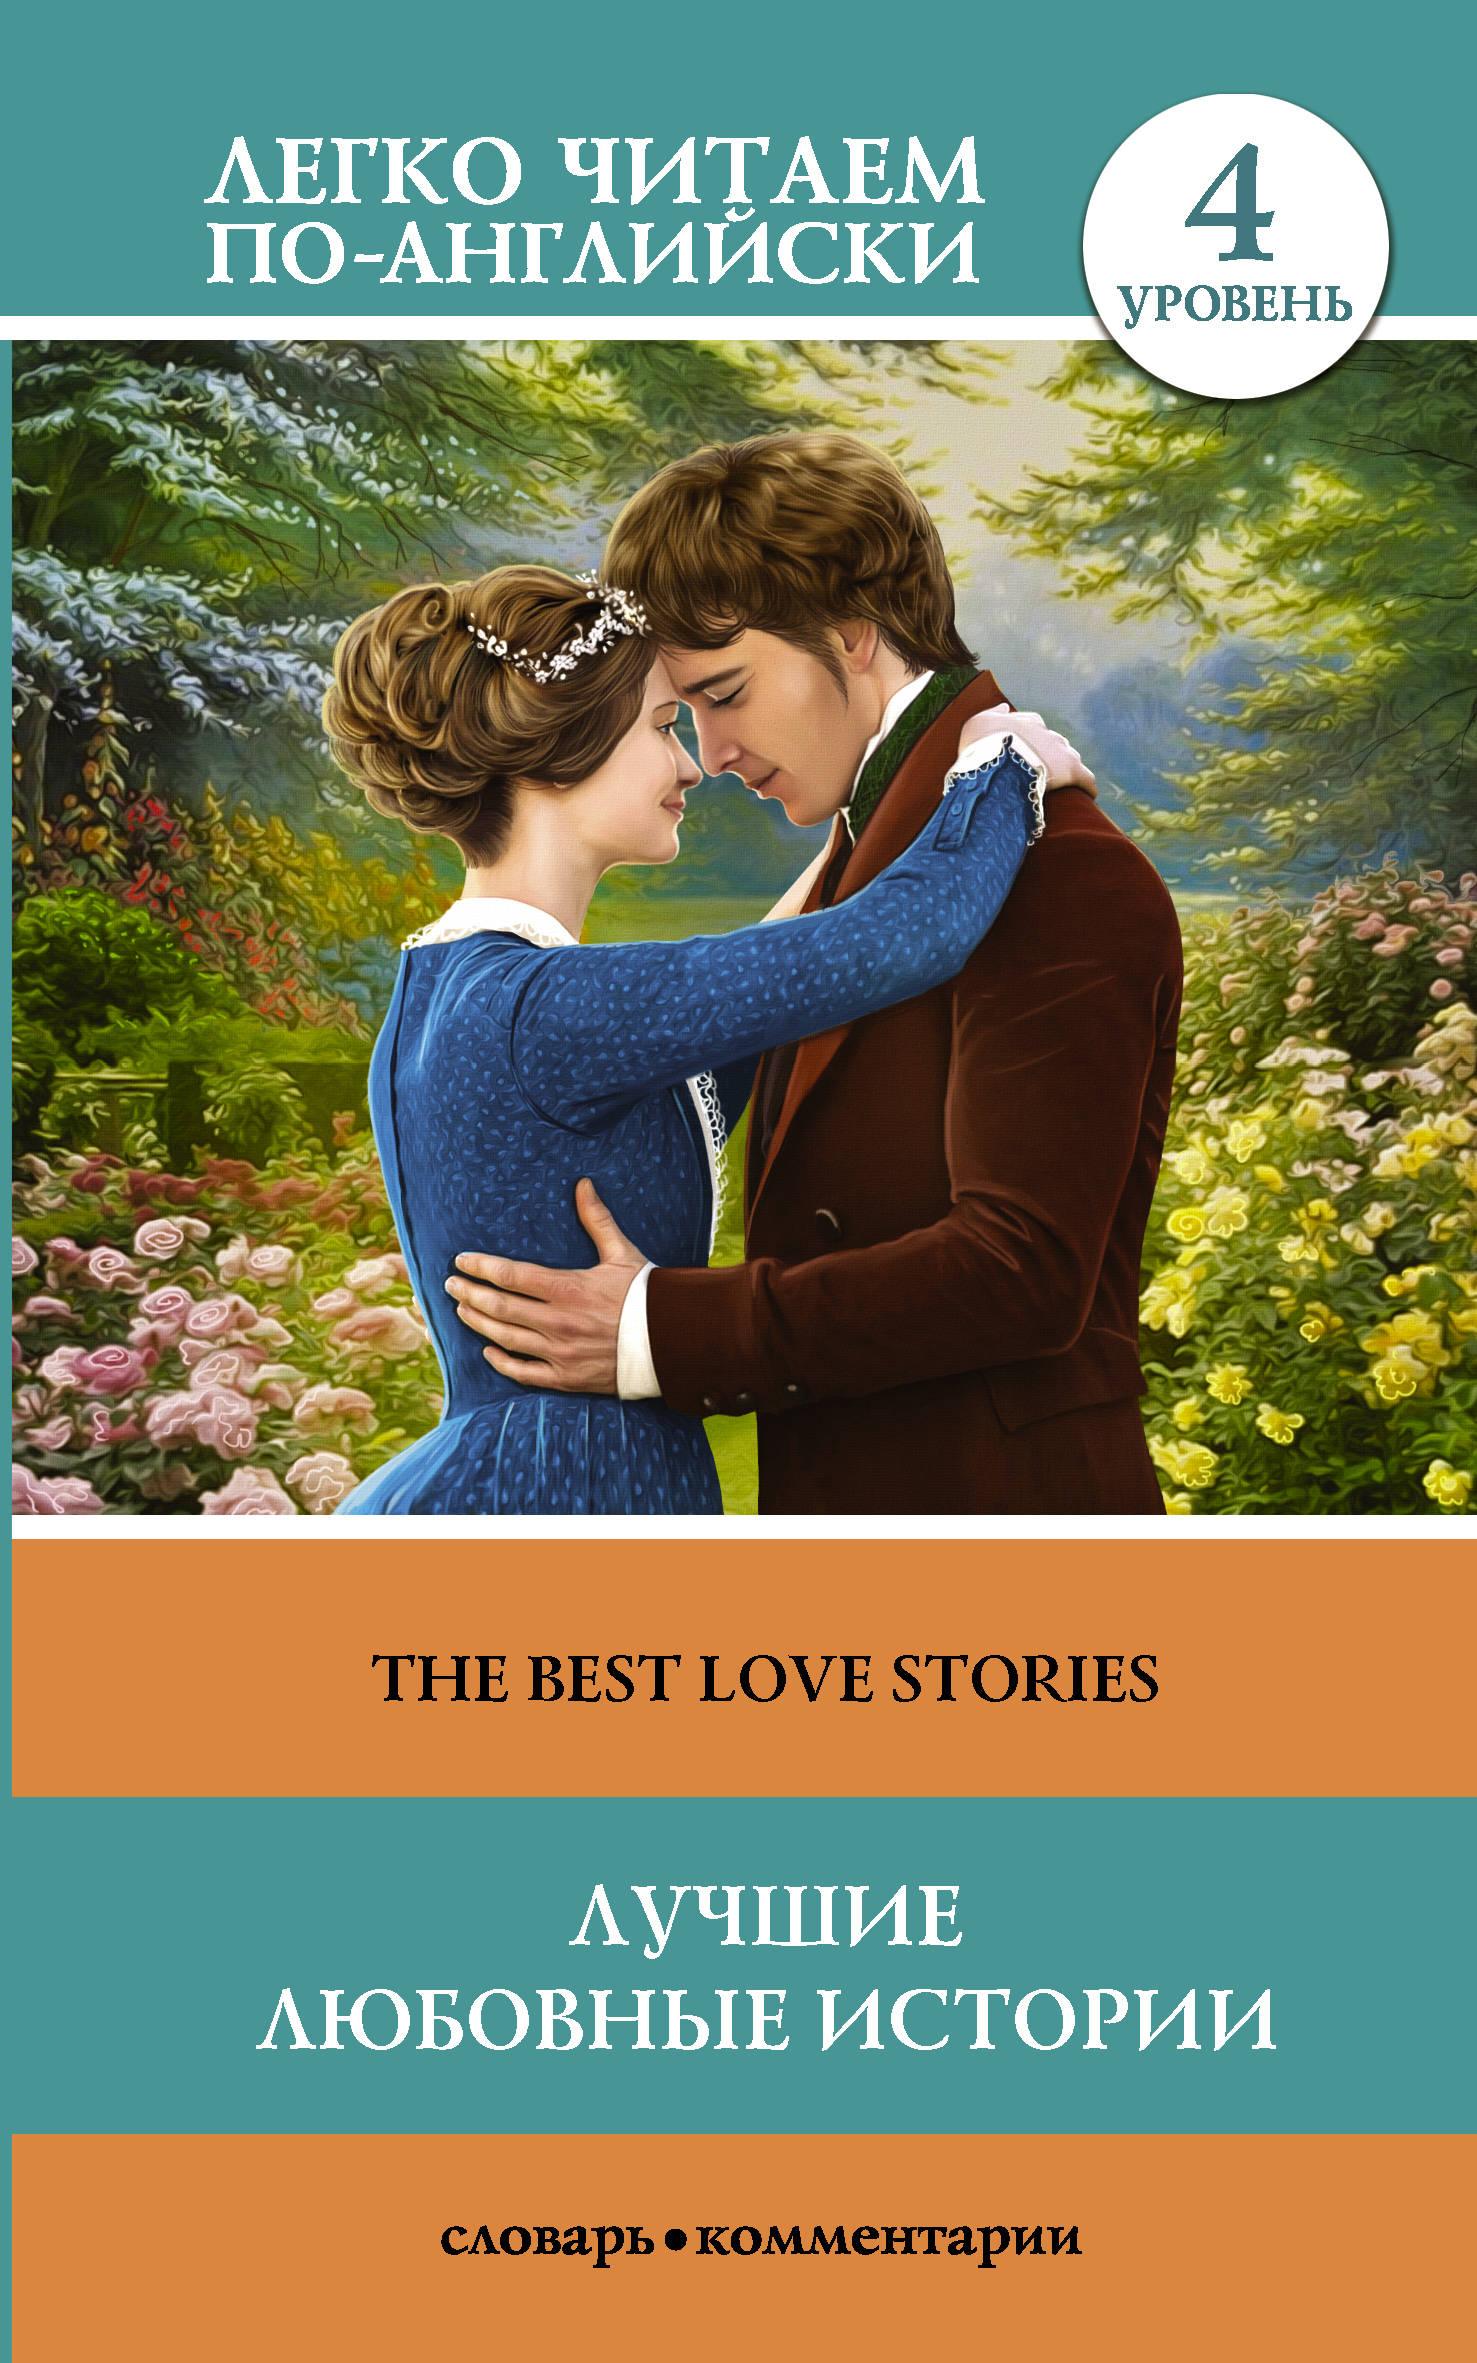 Лучшие любовные истории. Уровень 4 ( Глушенкова Е.В.  )